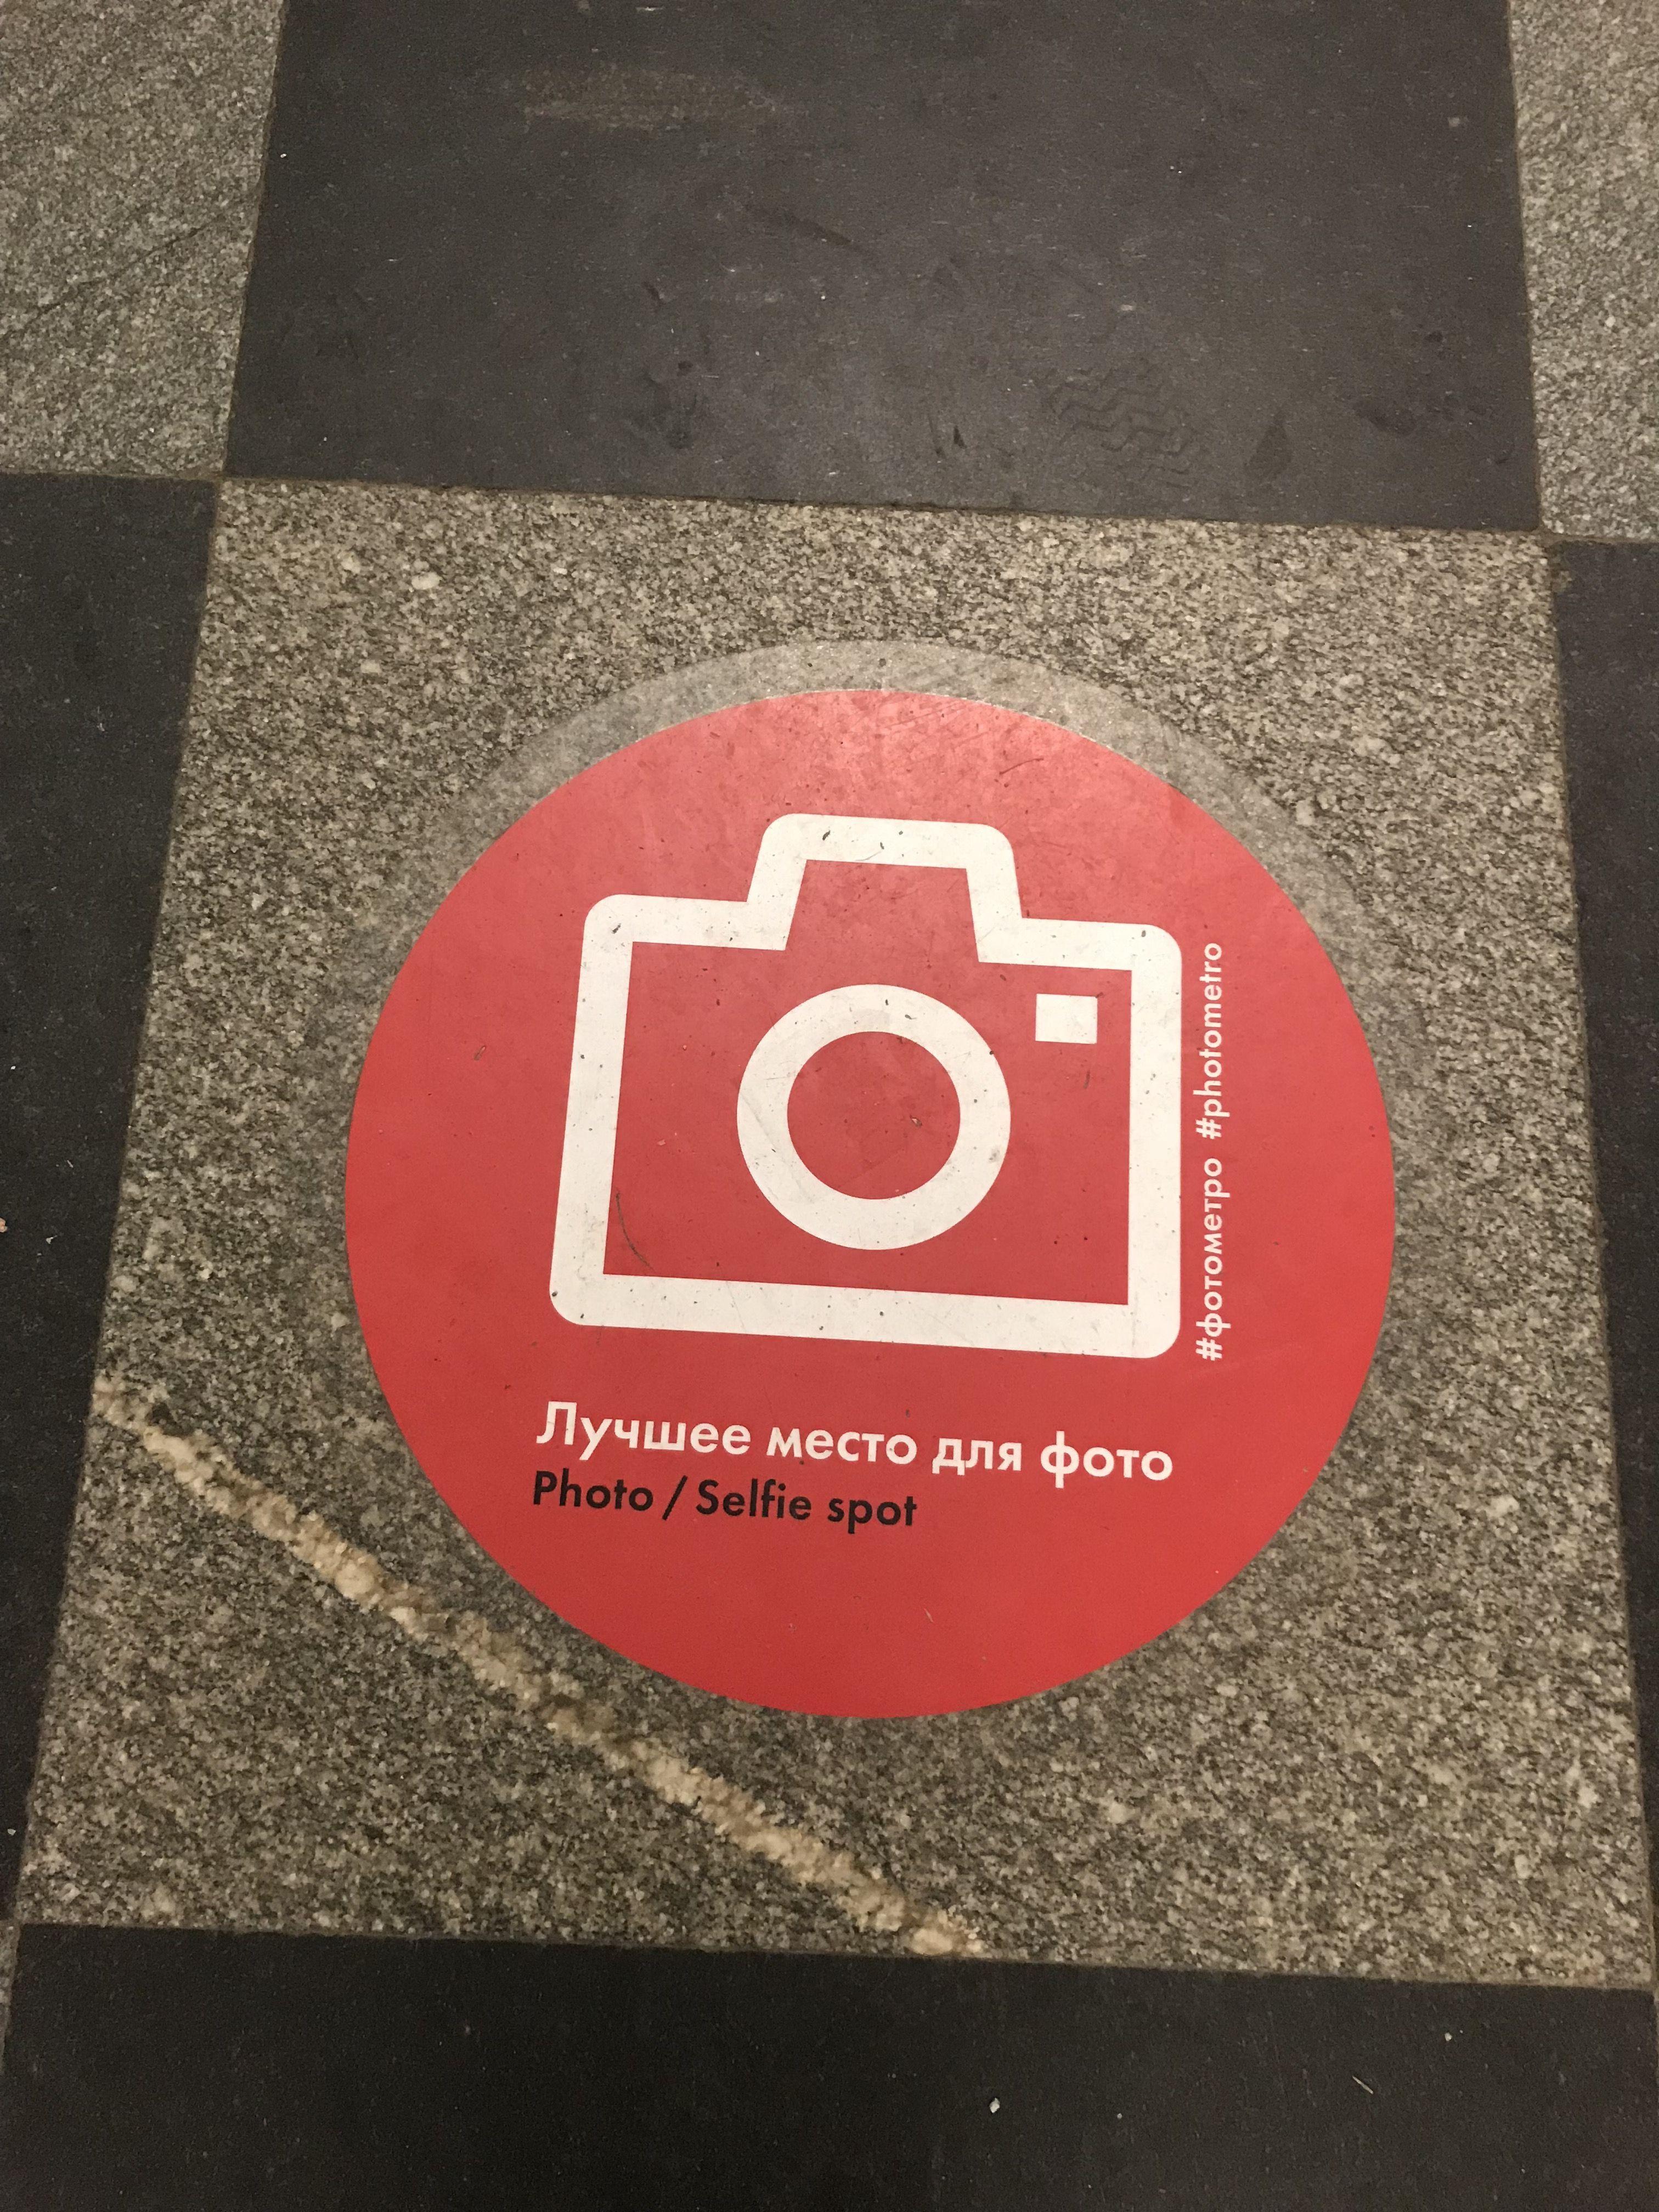 Markierung auf dem Boden der Metrostation für den besten Selfie-Platz